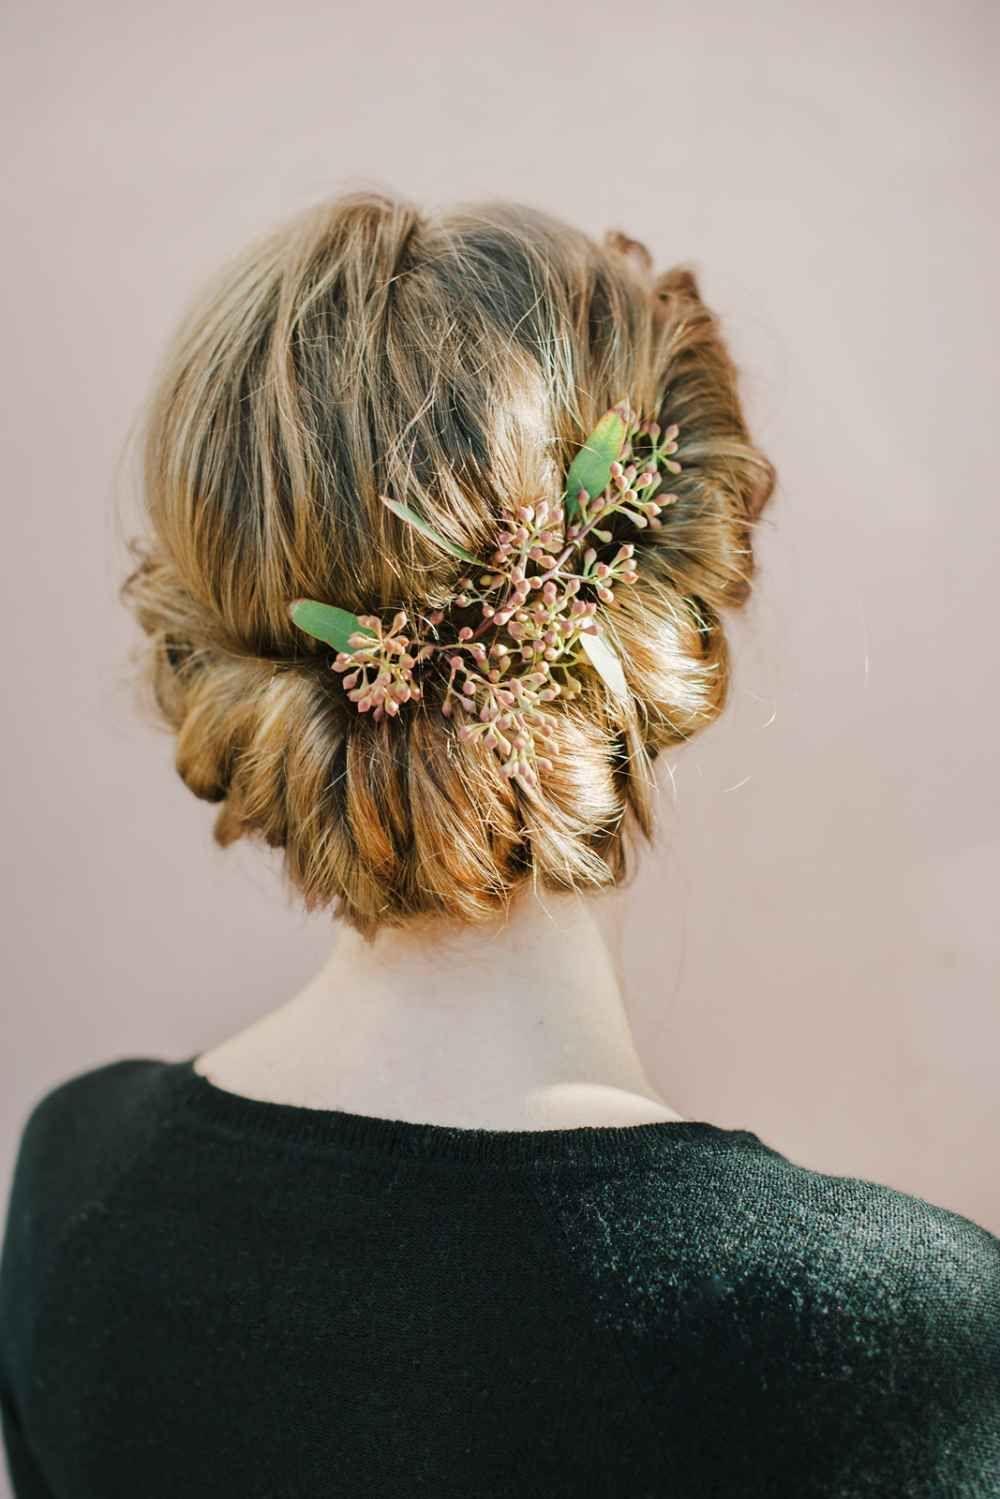 Holiday Hairstyles - Festive Hair DIYs